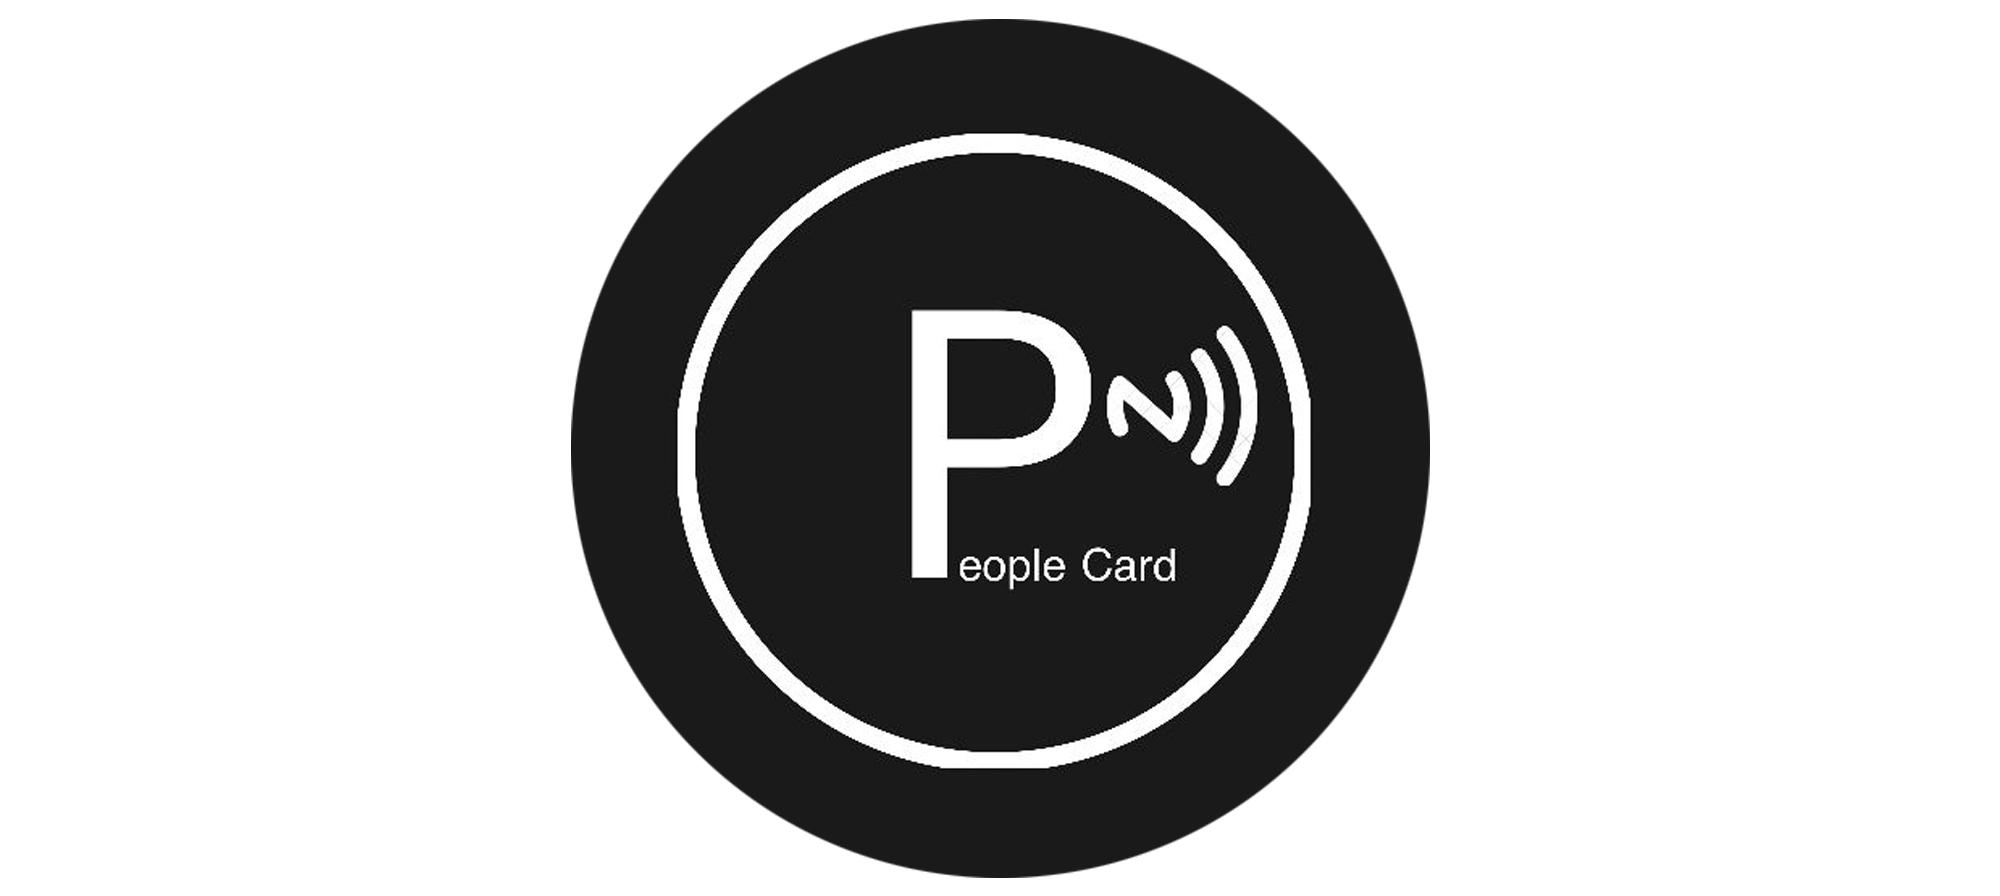 NFC People Card,WhatsApp電子咭片,人際生意網絡,大趨勢,電子化咭片,容易溝通,無紙化,環保